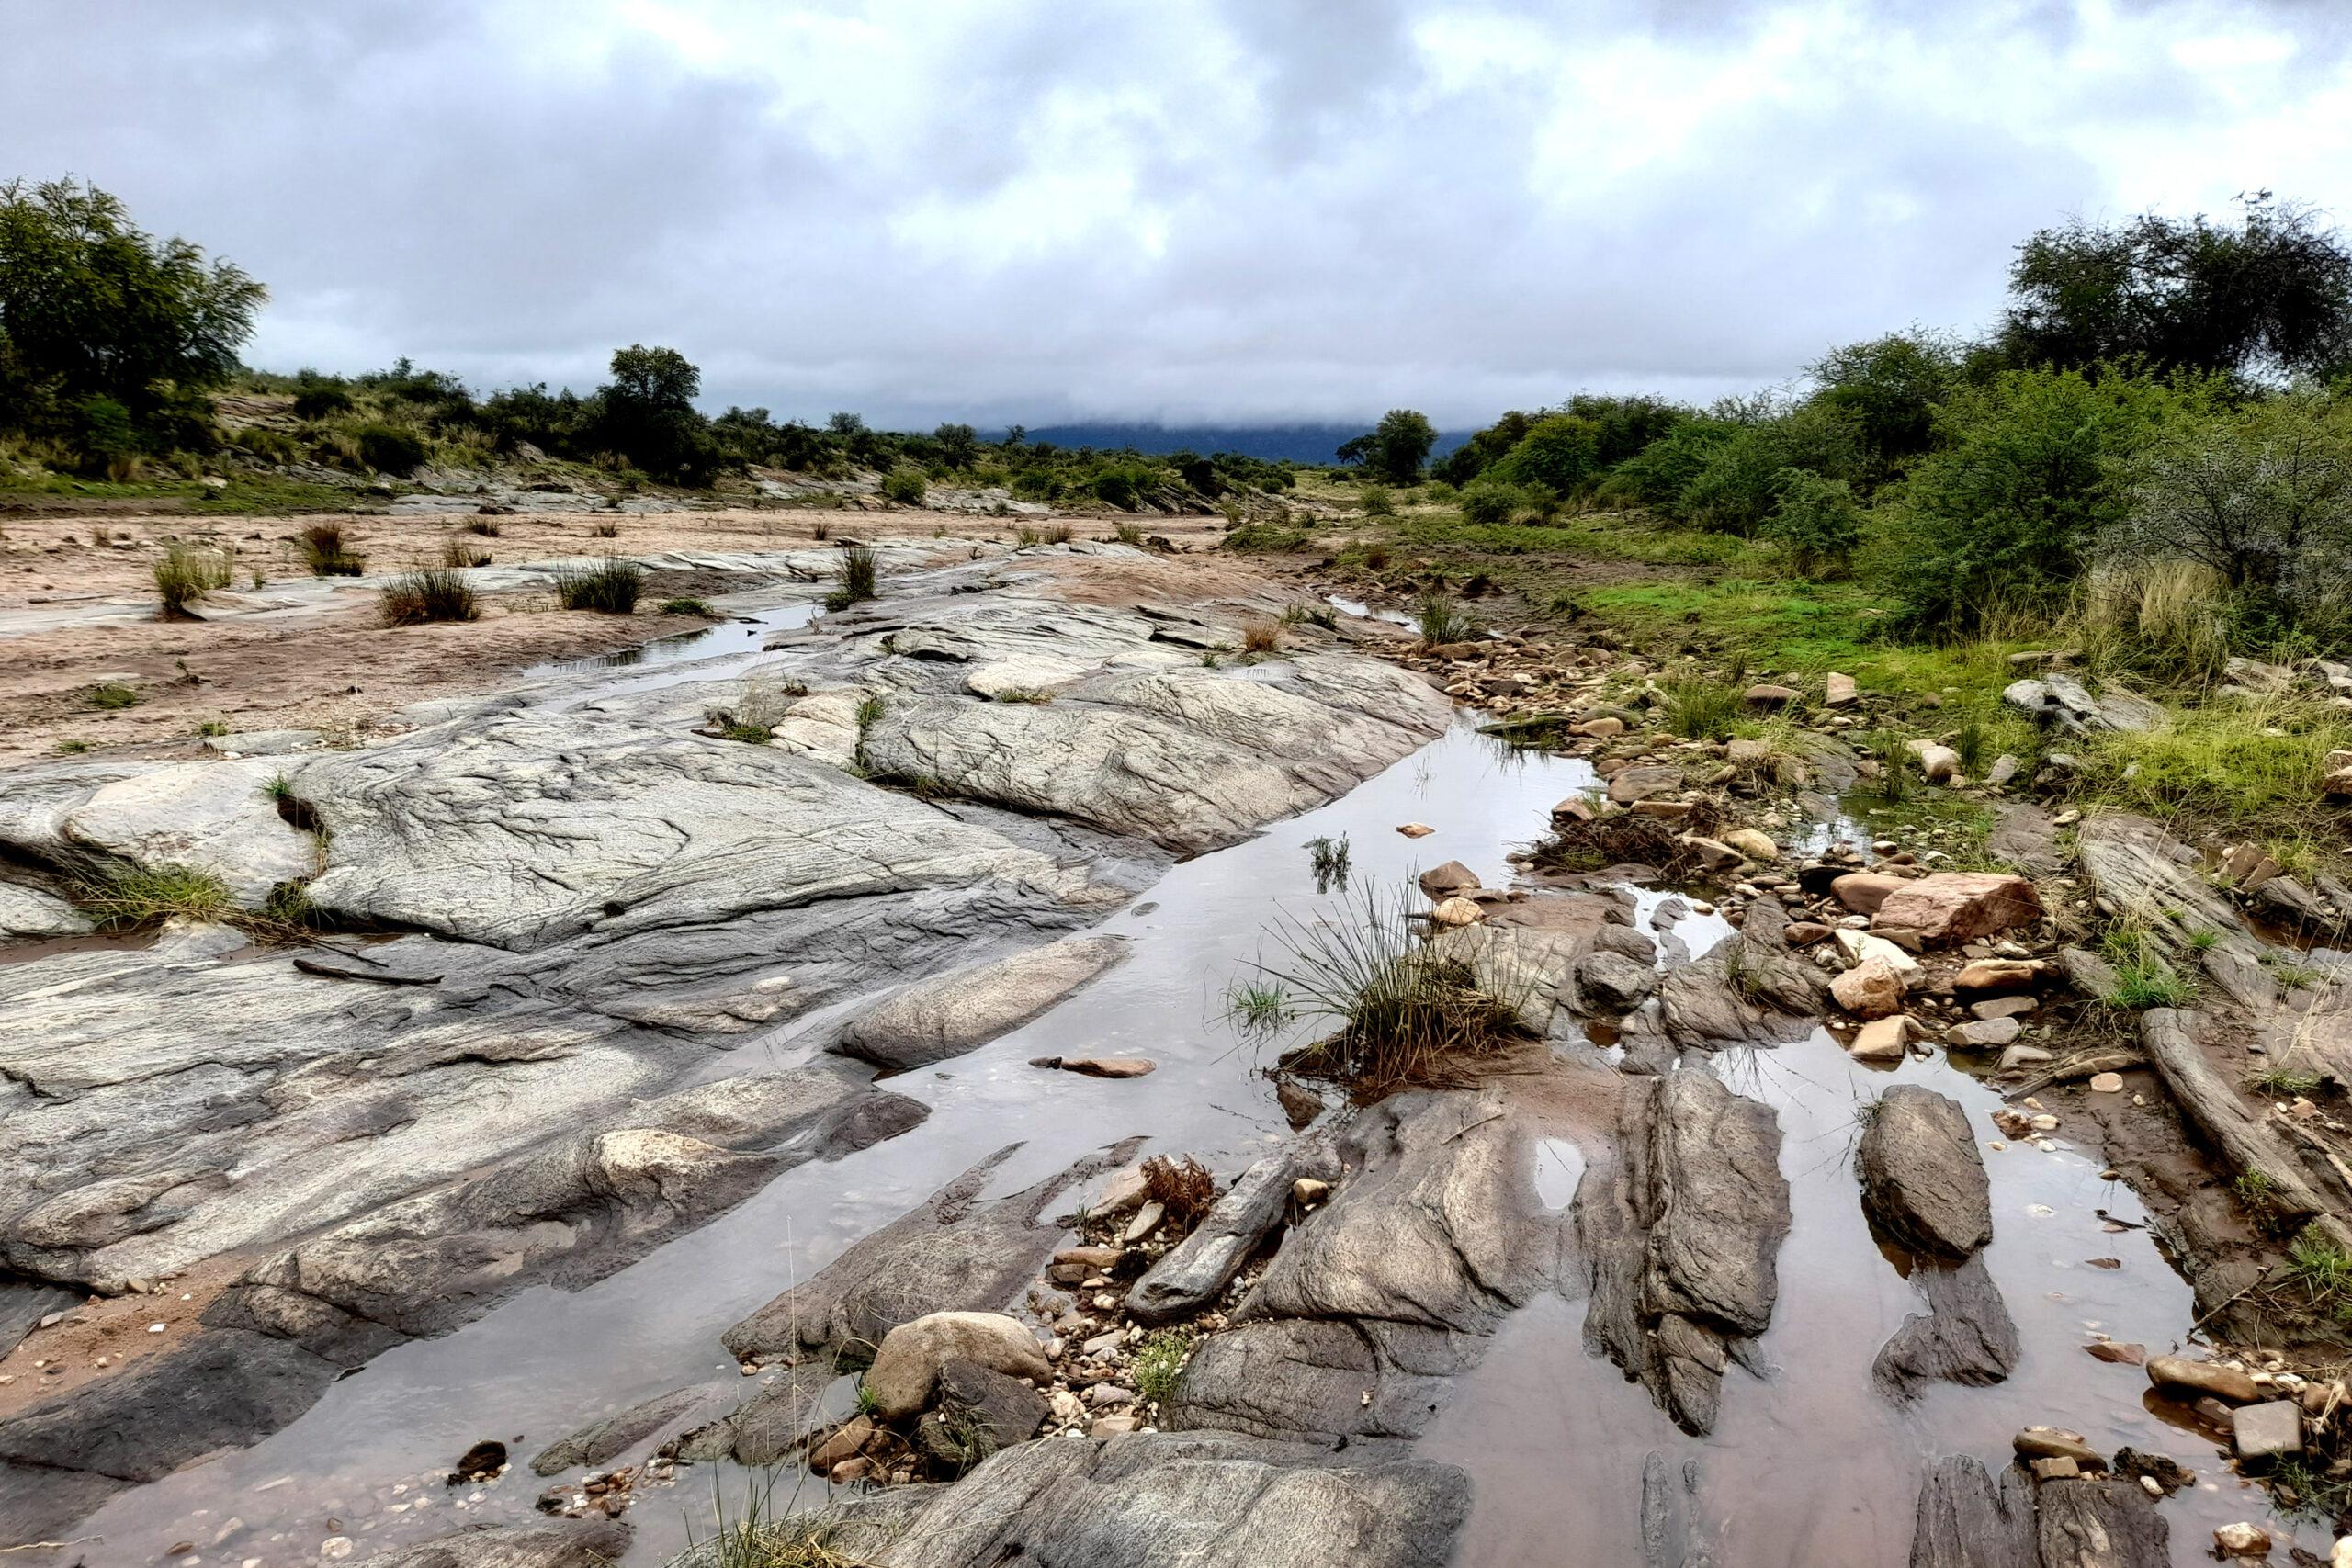 Seeis-Rivier on Ondekaremba in Namibia